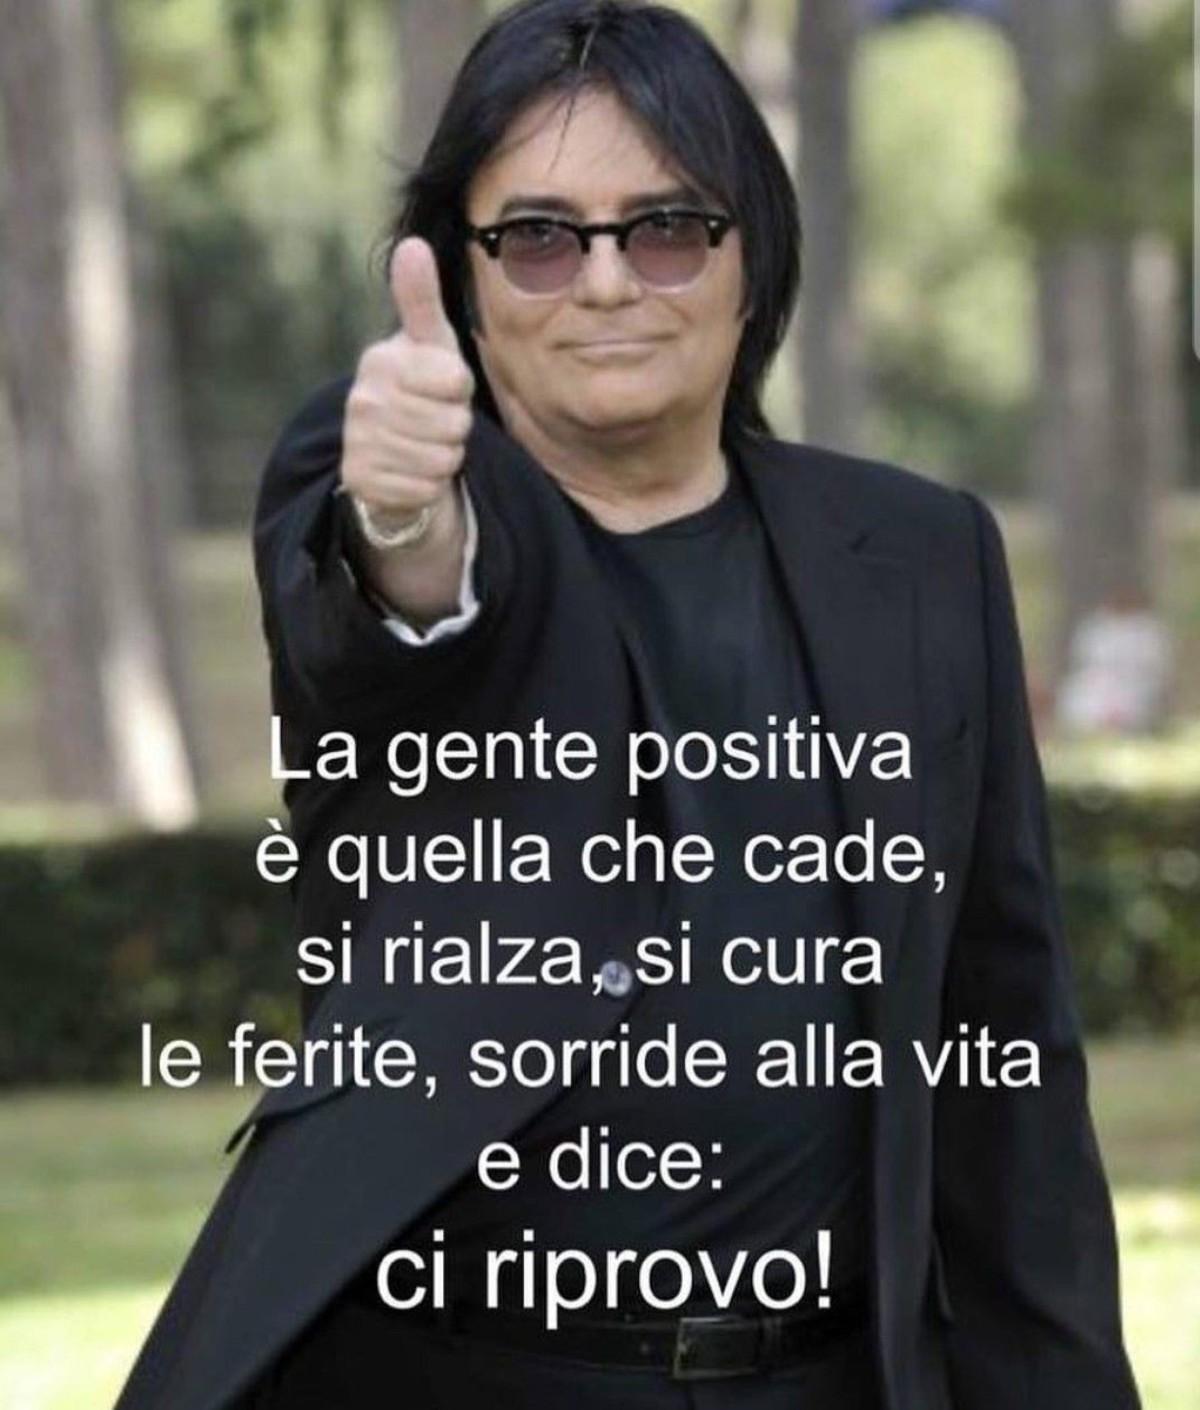 """La gente positiva è quella che cade, si rialza, si cura le ferite, sorride alla vita e dice: """"CI RIPROVO!"""""""